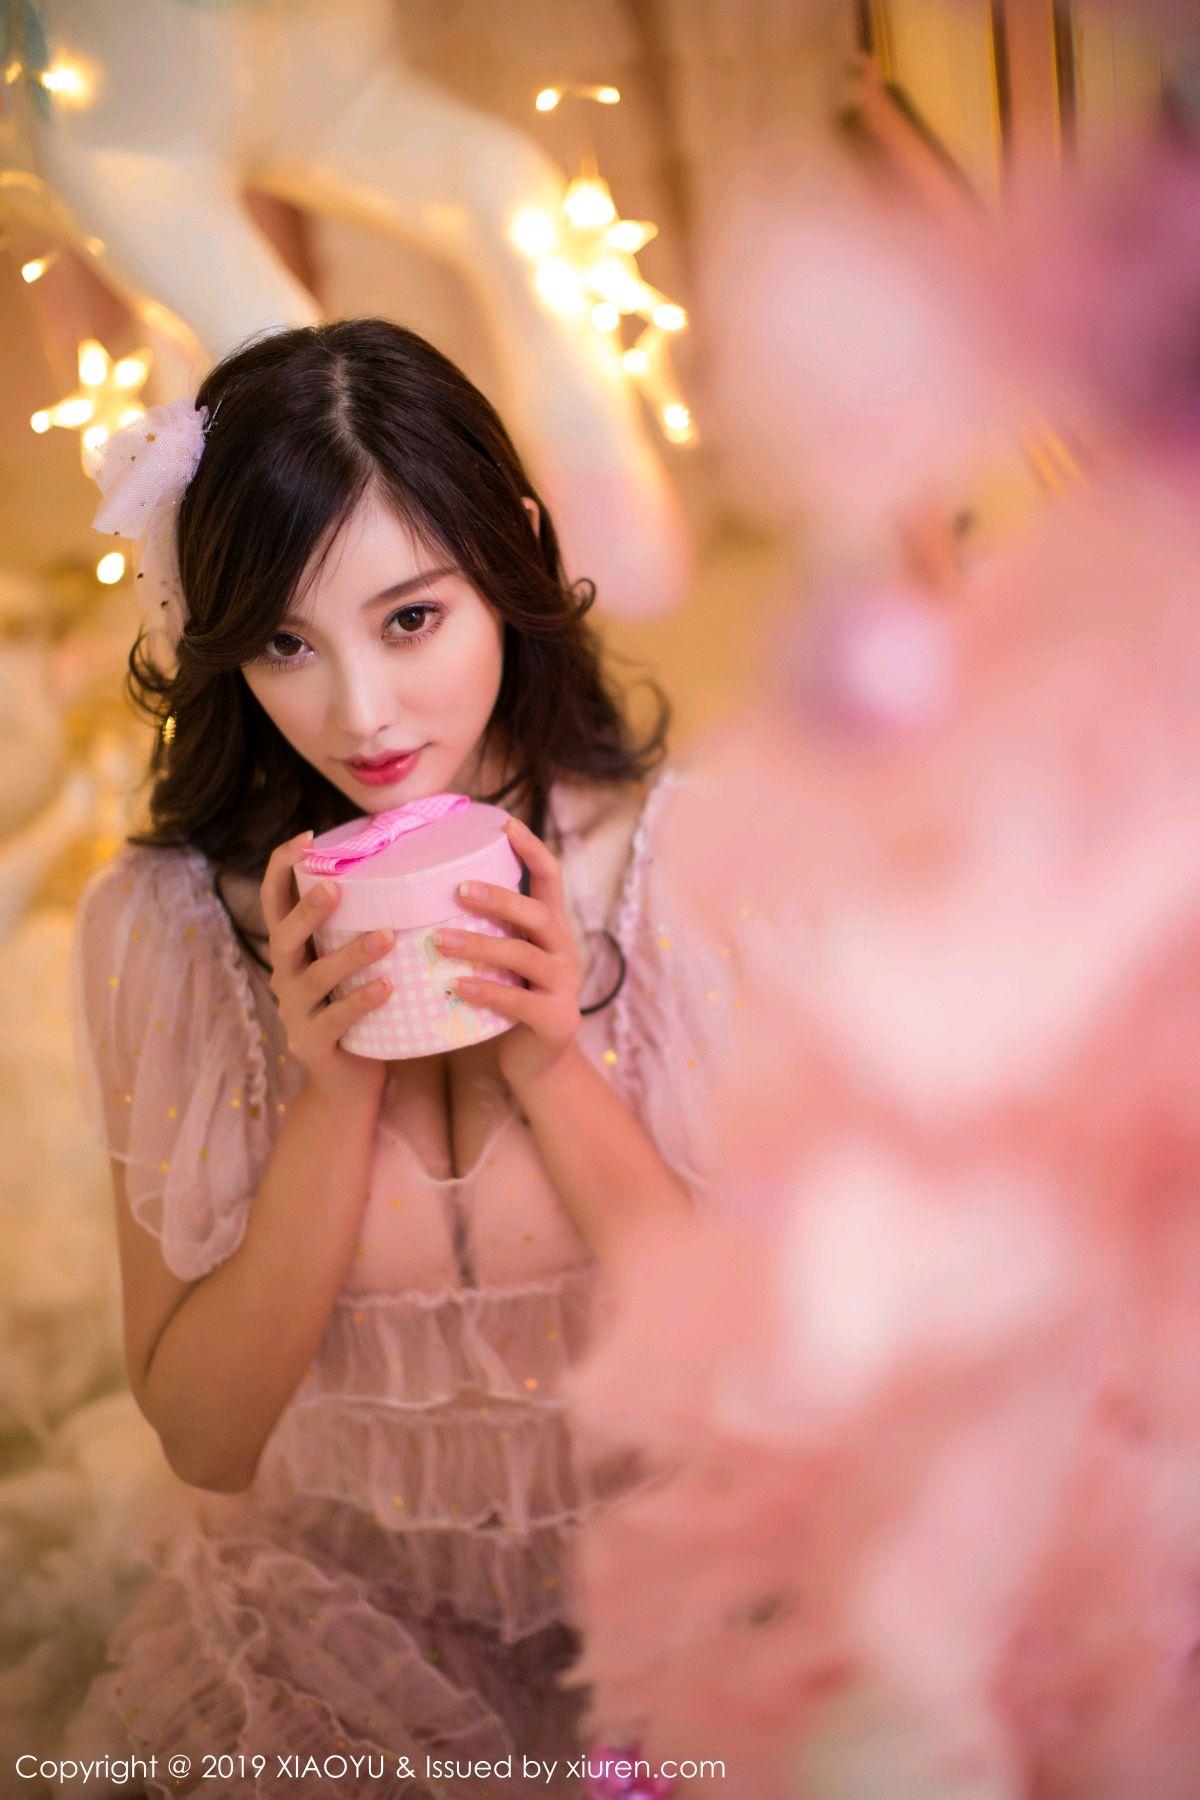 [XiaoYu] Vol.059 Christmas Theme 6P, Christmas, Underwear, XiaoYu, Yang Chen Chen